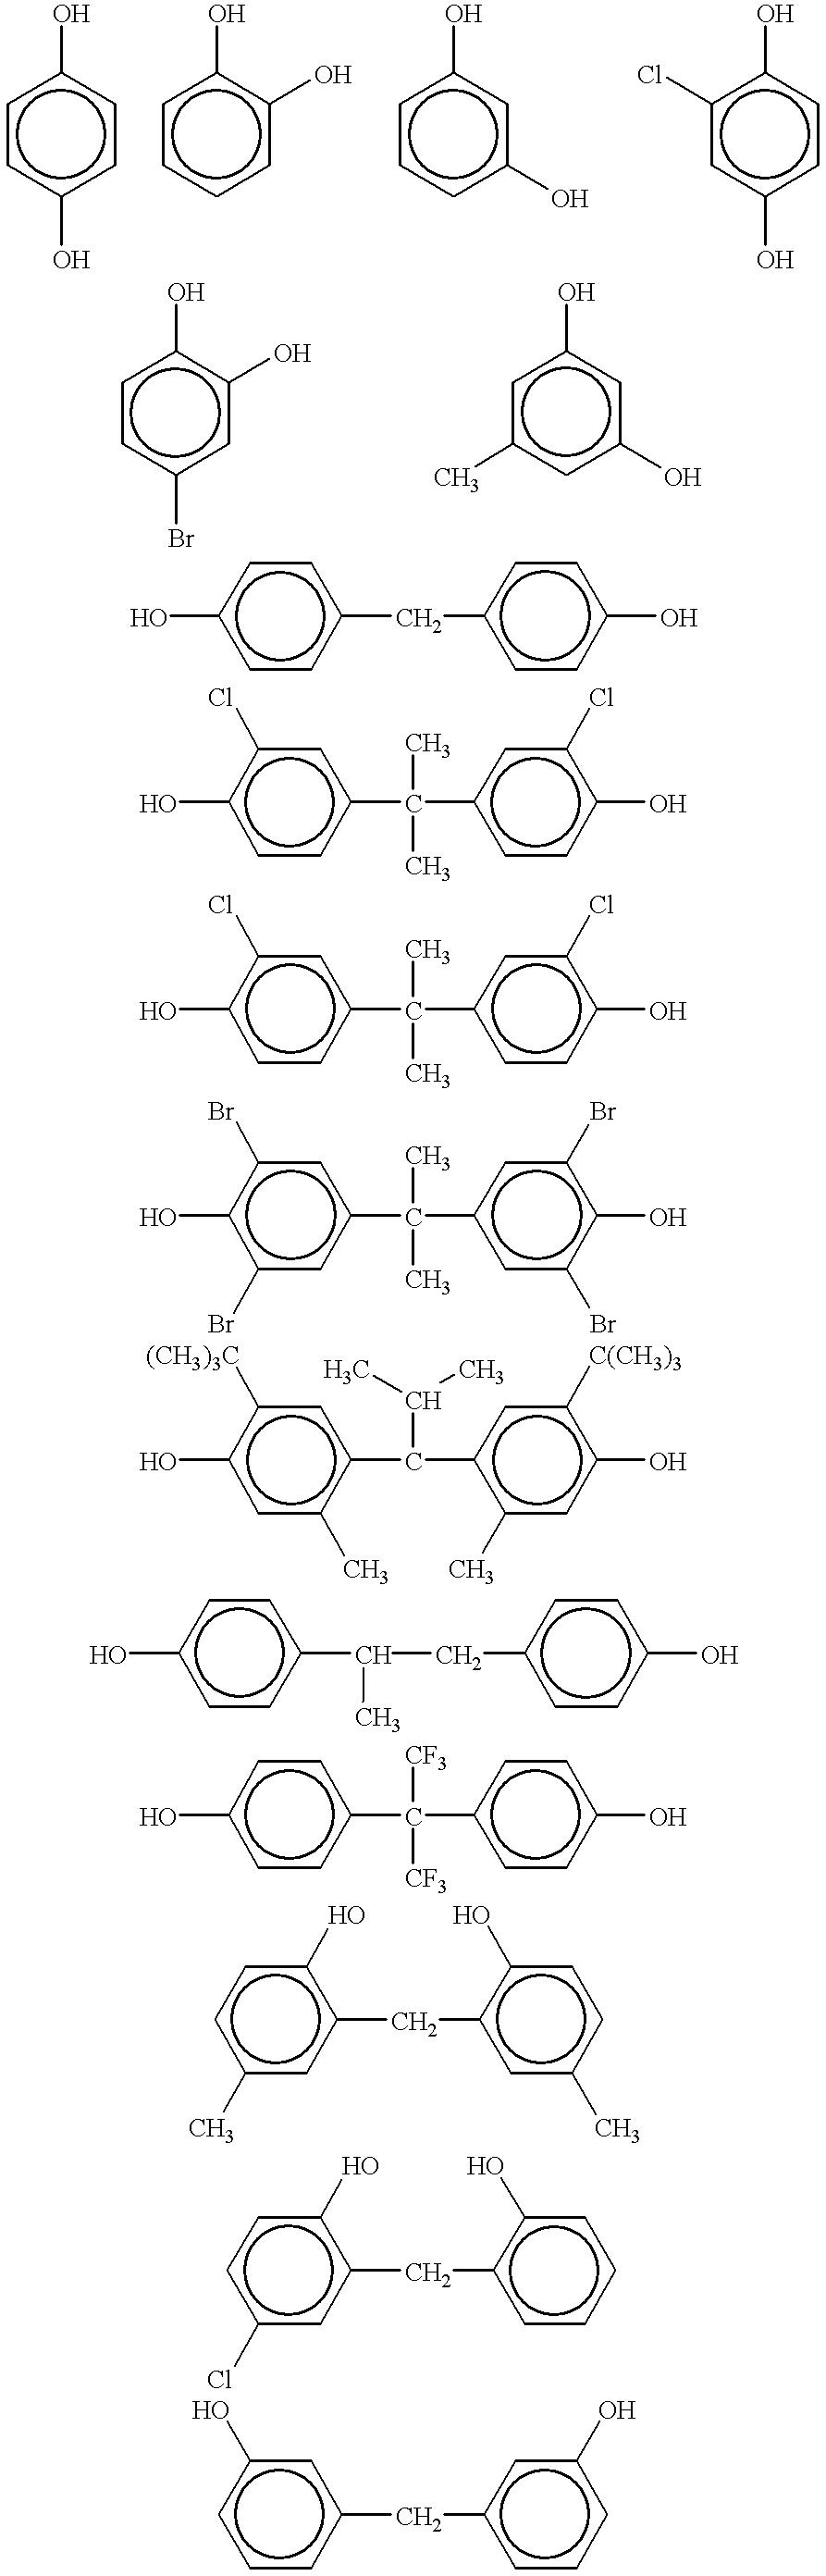 Figure US06270855-20010807-C00005